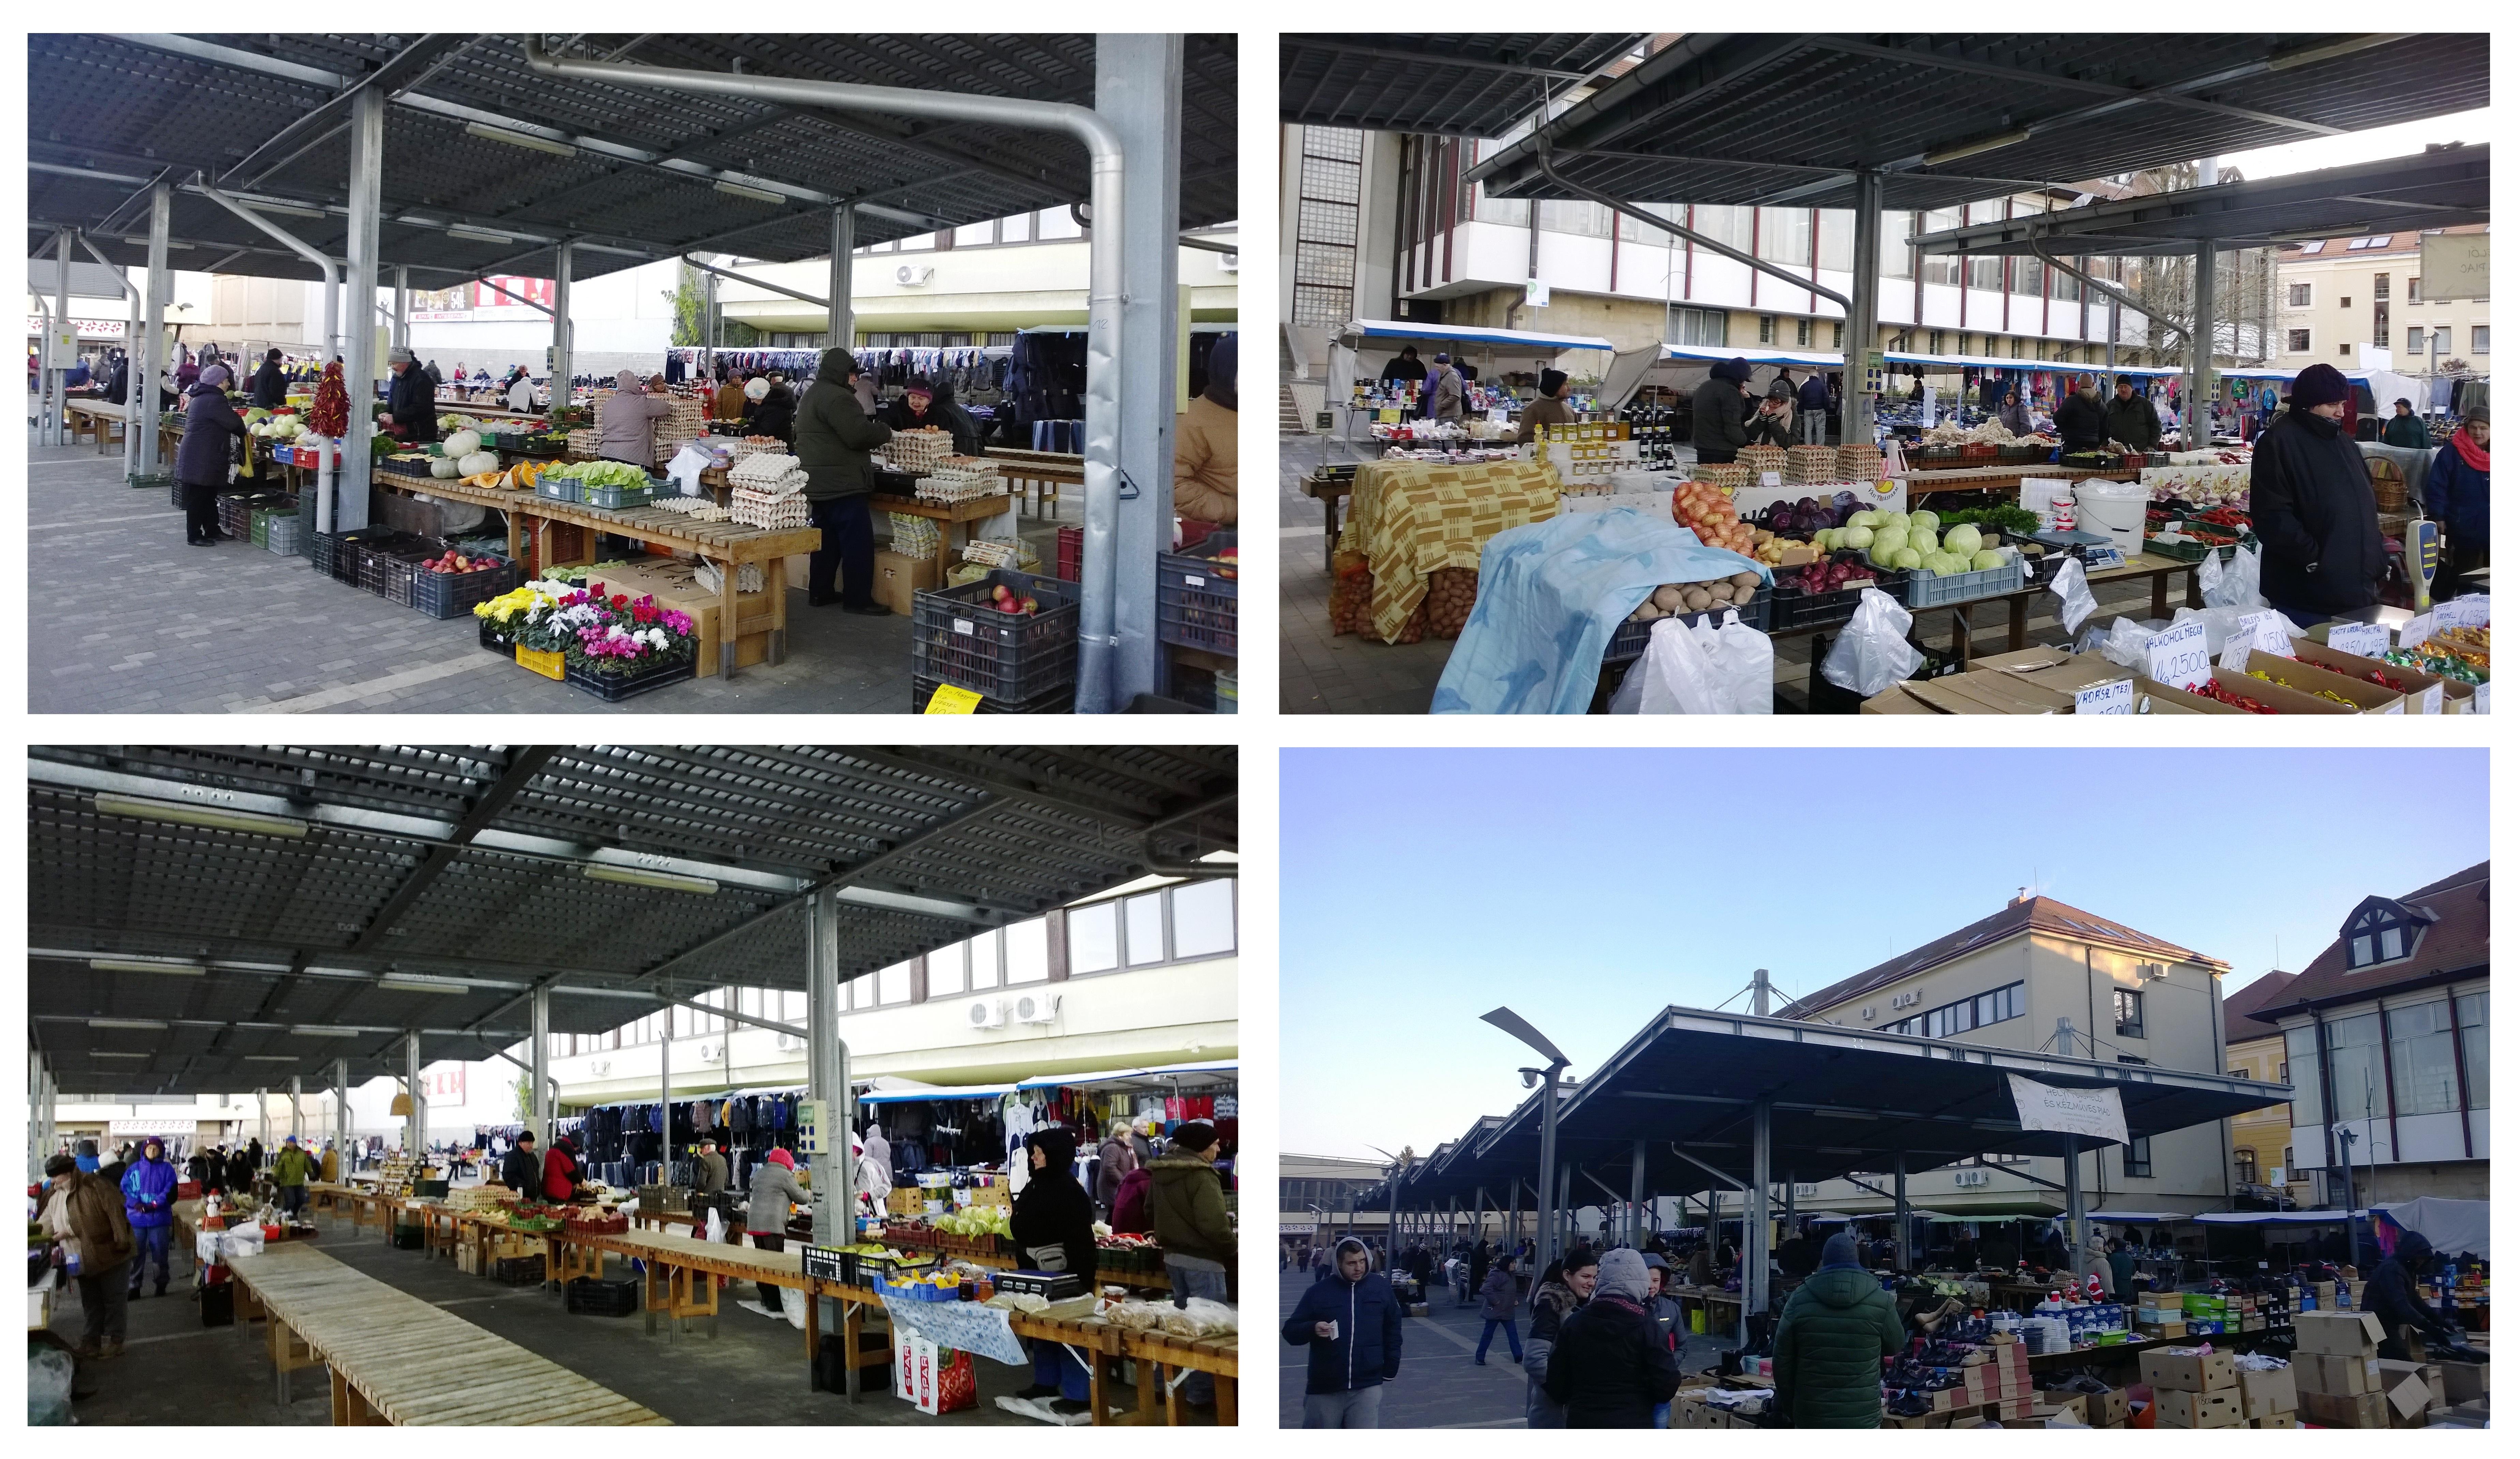 Vásárcsarnok - Zalaegerszeg